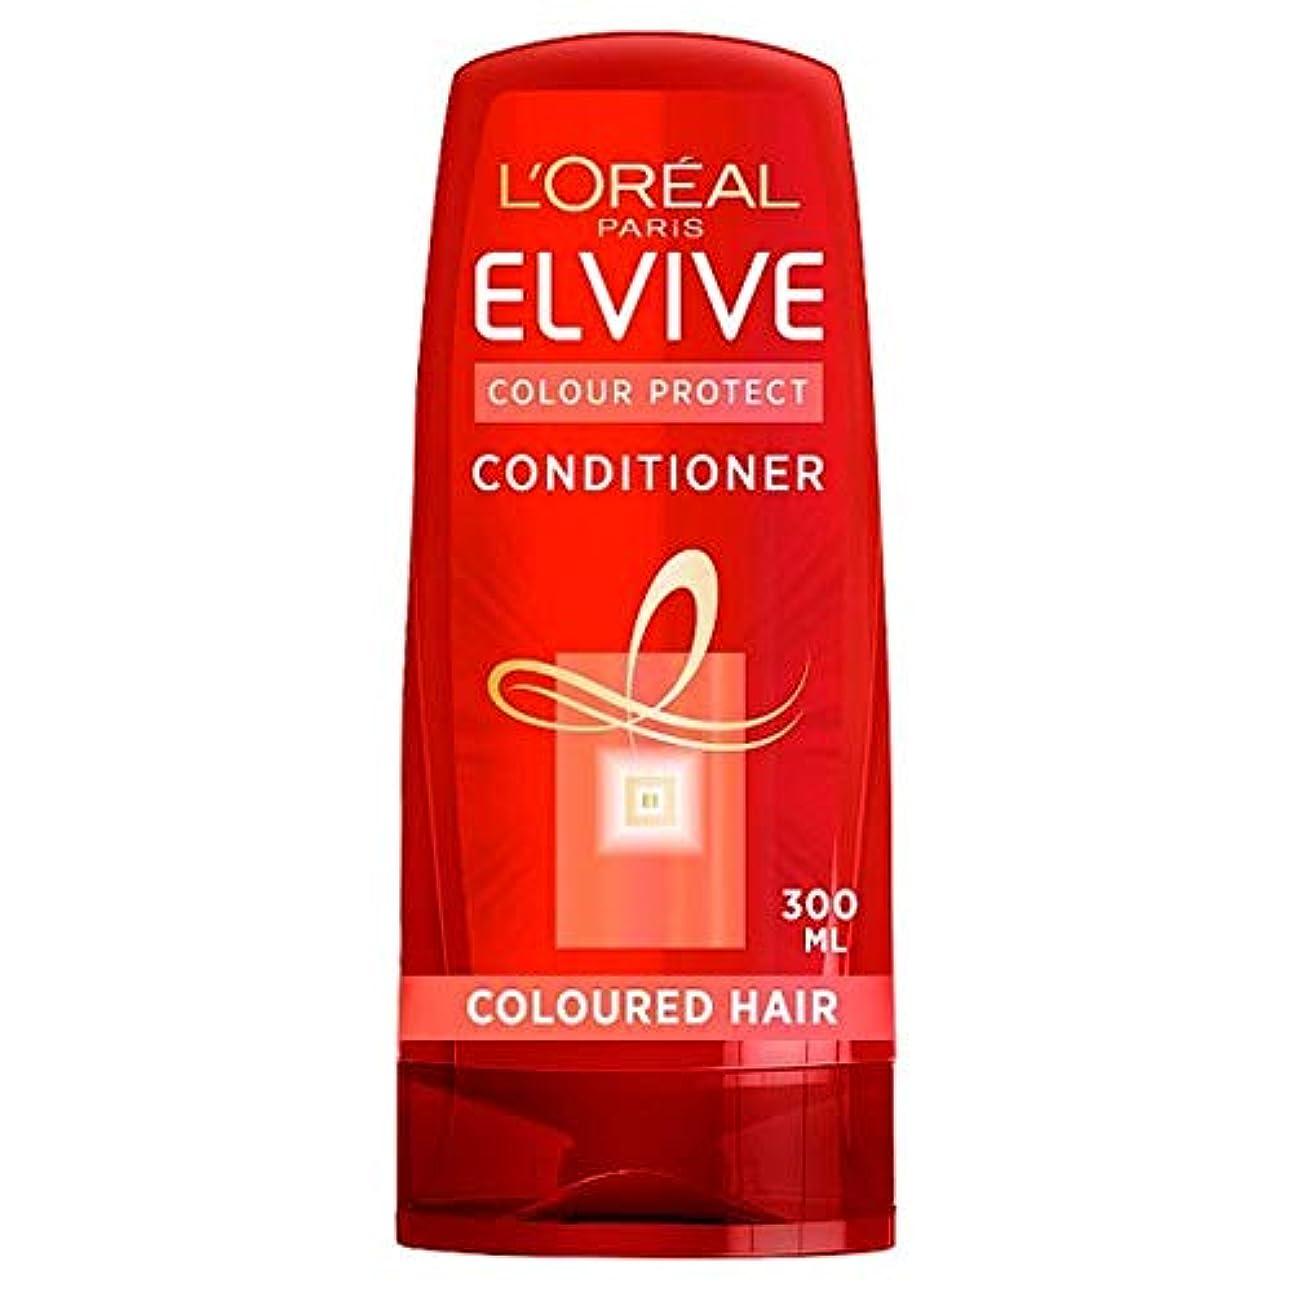 爆発物要求ガウン[Elvive] ロレアルElvive色の保護ヘアコンディショナー300ミリリットル - L'oreal Elvive Coloured Protection Hair Conditioner 300Ml [並行輸入品]